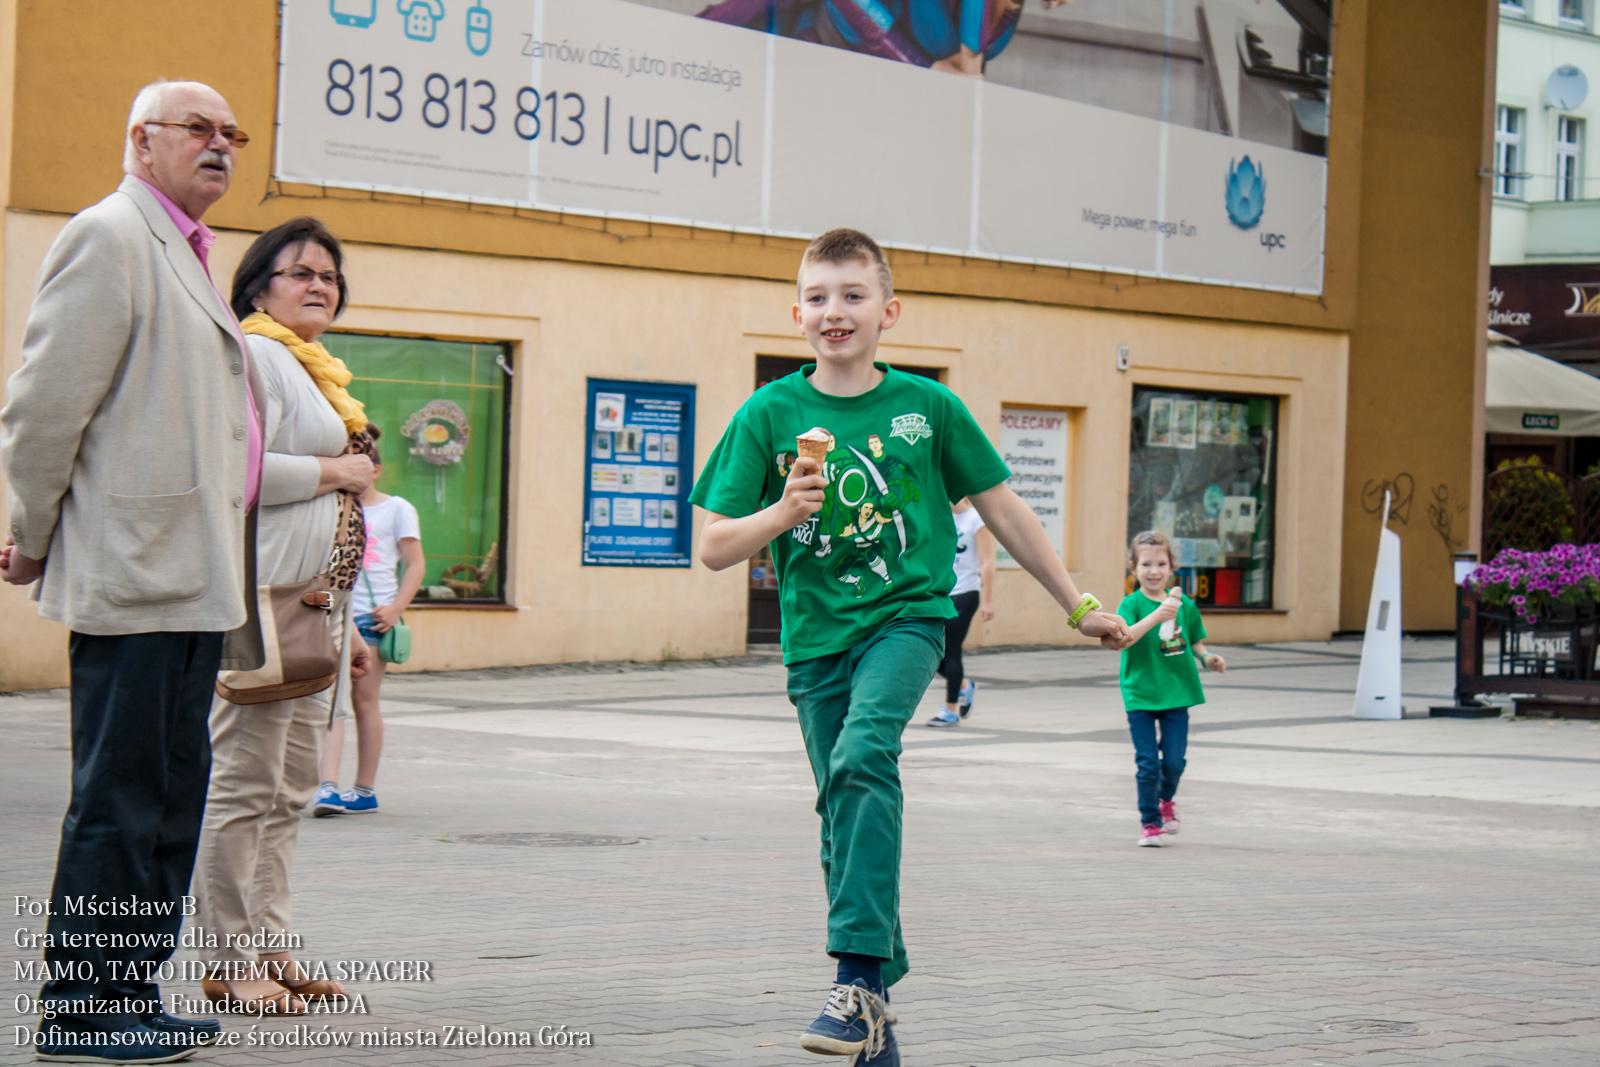 mamotatoidziemynaspacer-graterenowa-7657